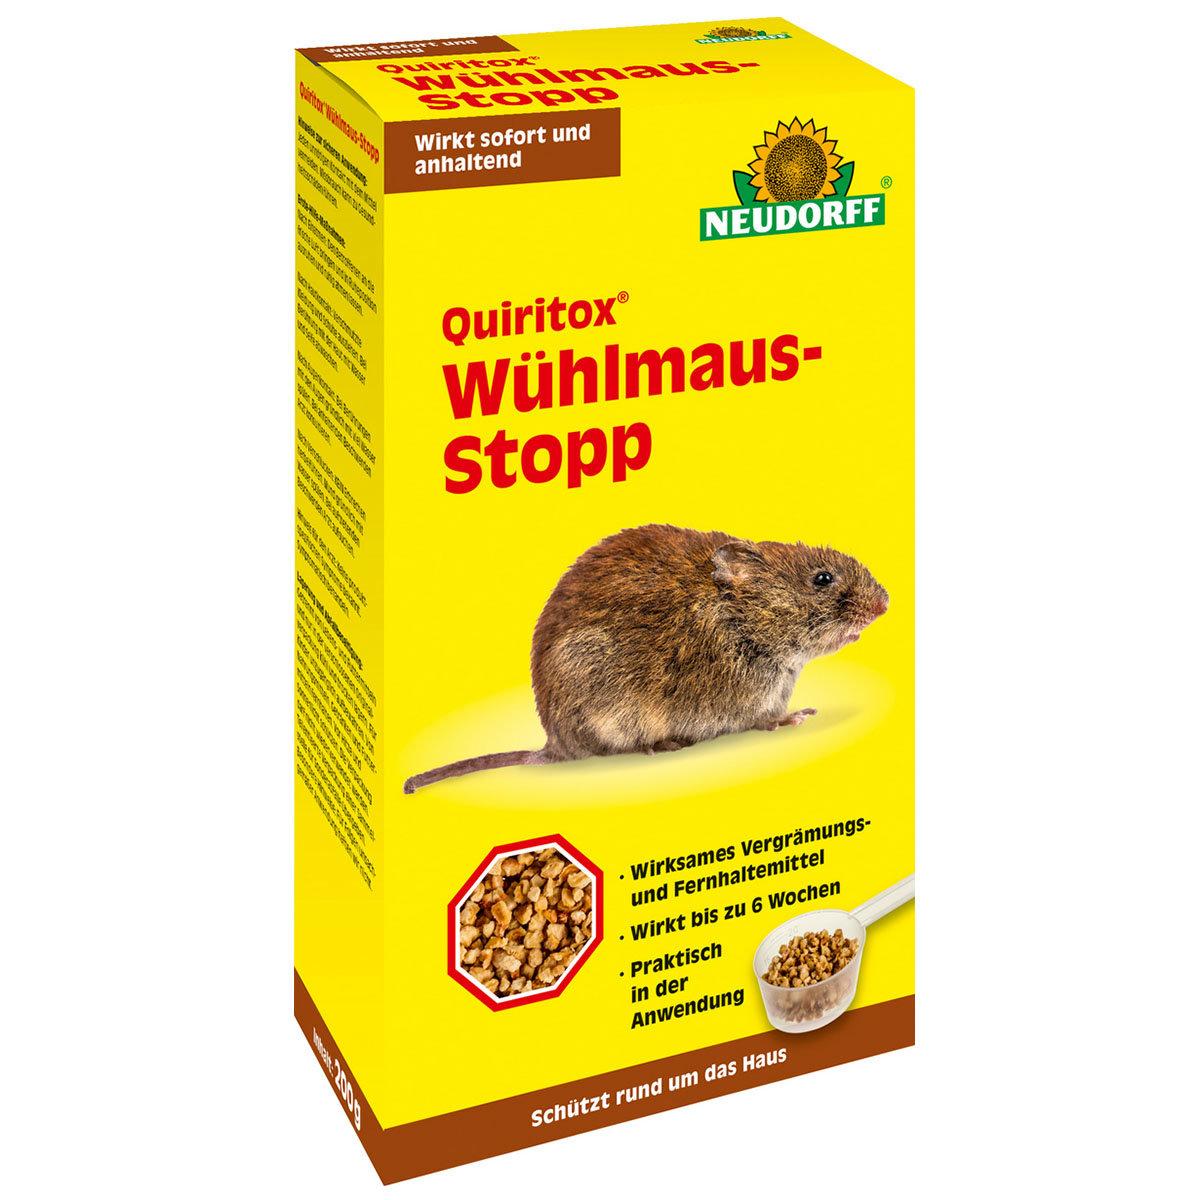 Quiritox® Wühlmaus-Stopp, 200g